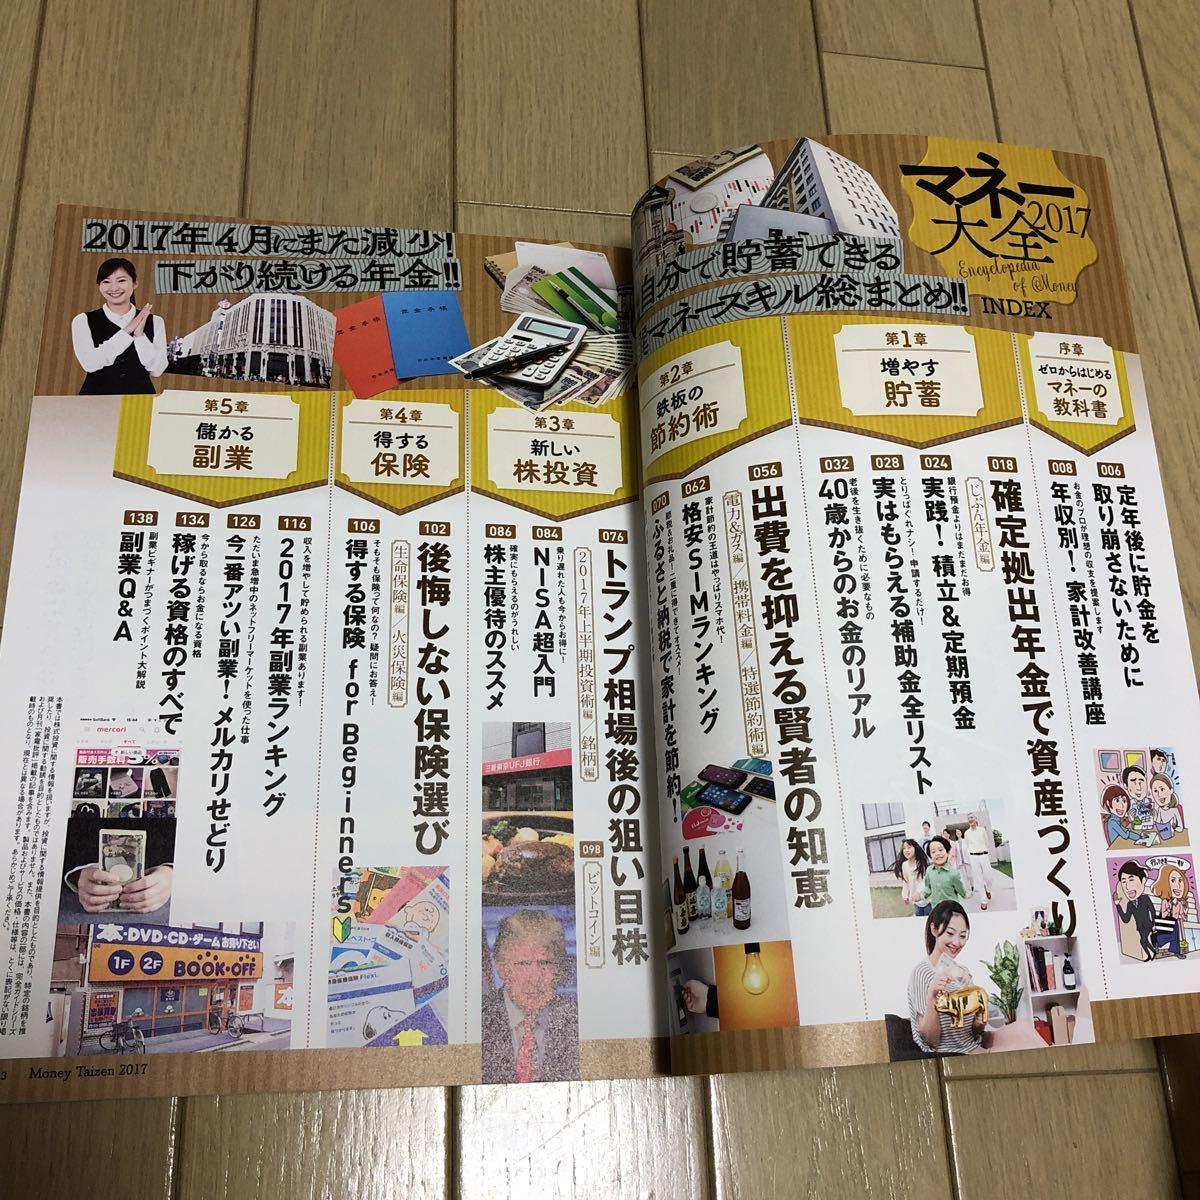 美品!暮らしのマネー大全2017 MONOQLO 日経トレンディ _画像2